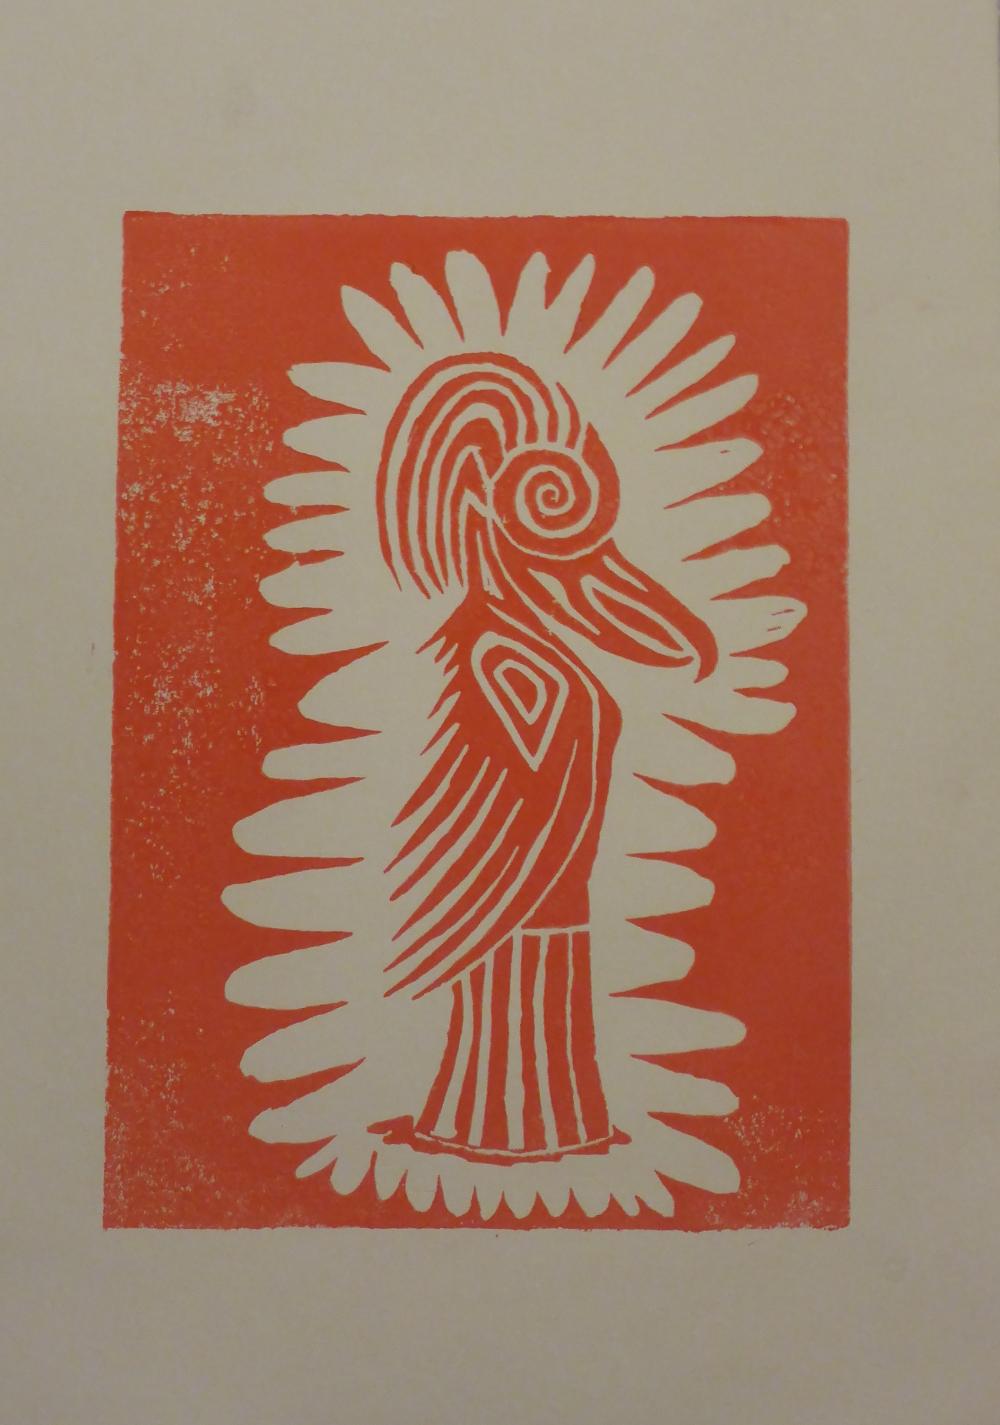 """""""Eris II"""", 2018, linocut on paper, 21 x 30 cm"""